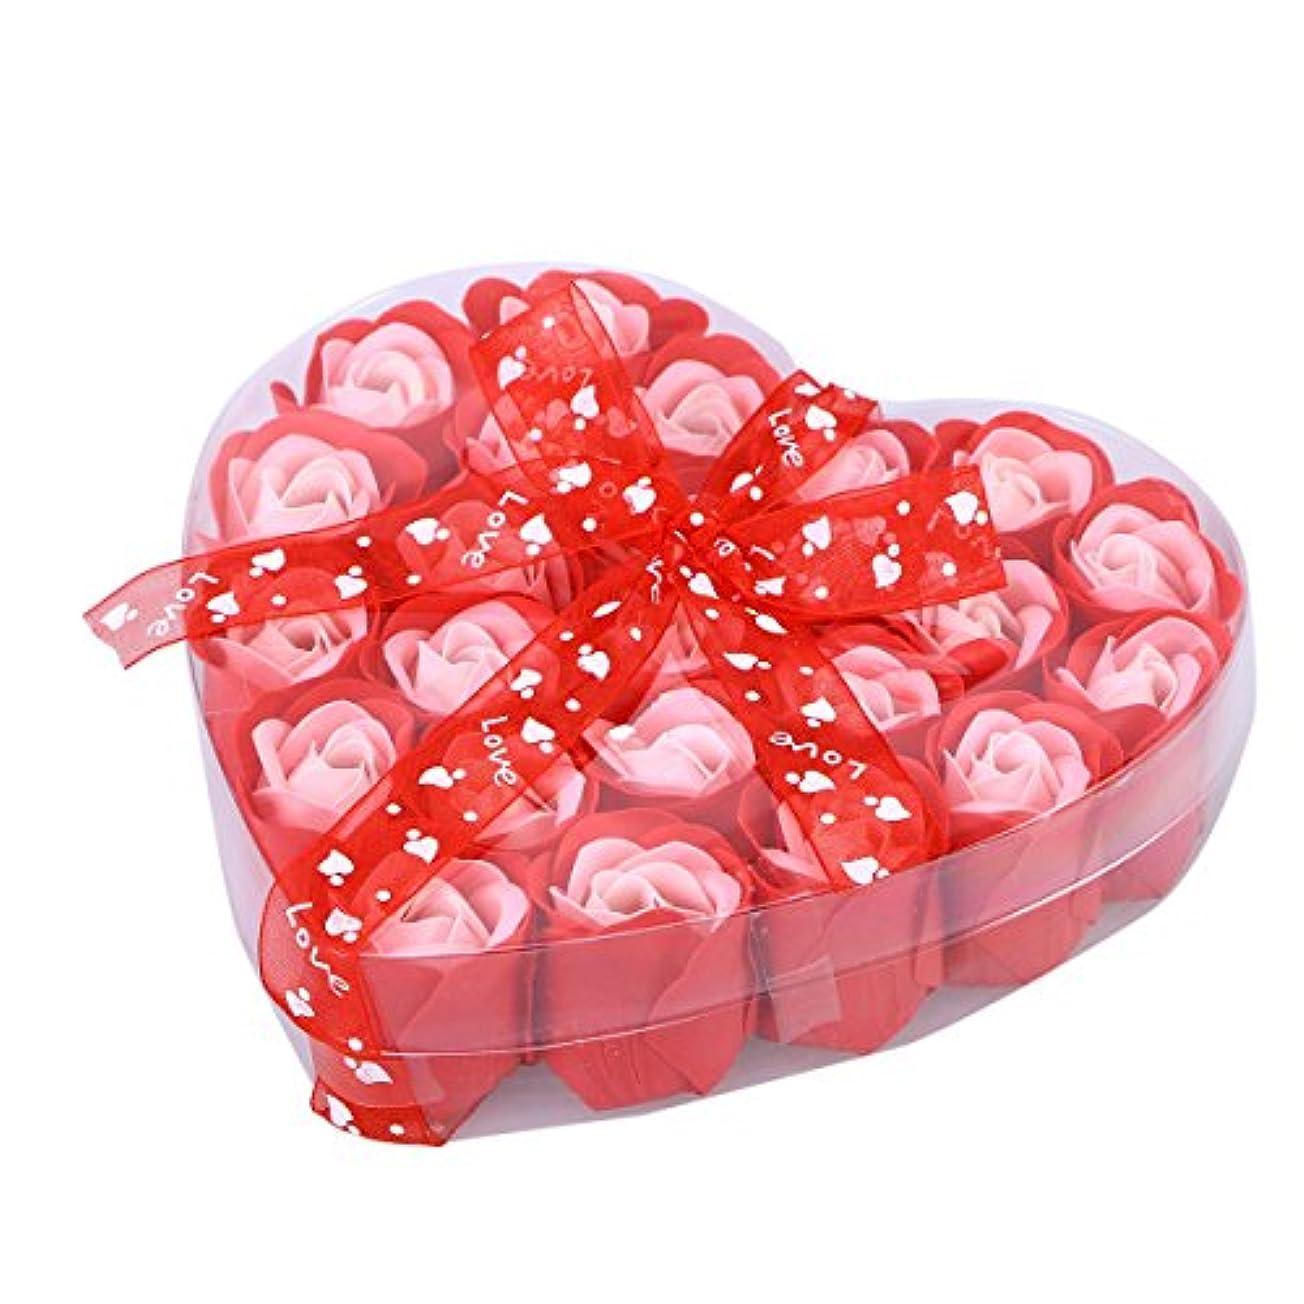 お香夕食を食べる破壊的なHealifty バレンタインデーのハートボックスに香りの石鹸バラの花びら(ランダムリボン)24個